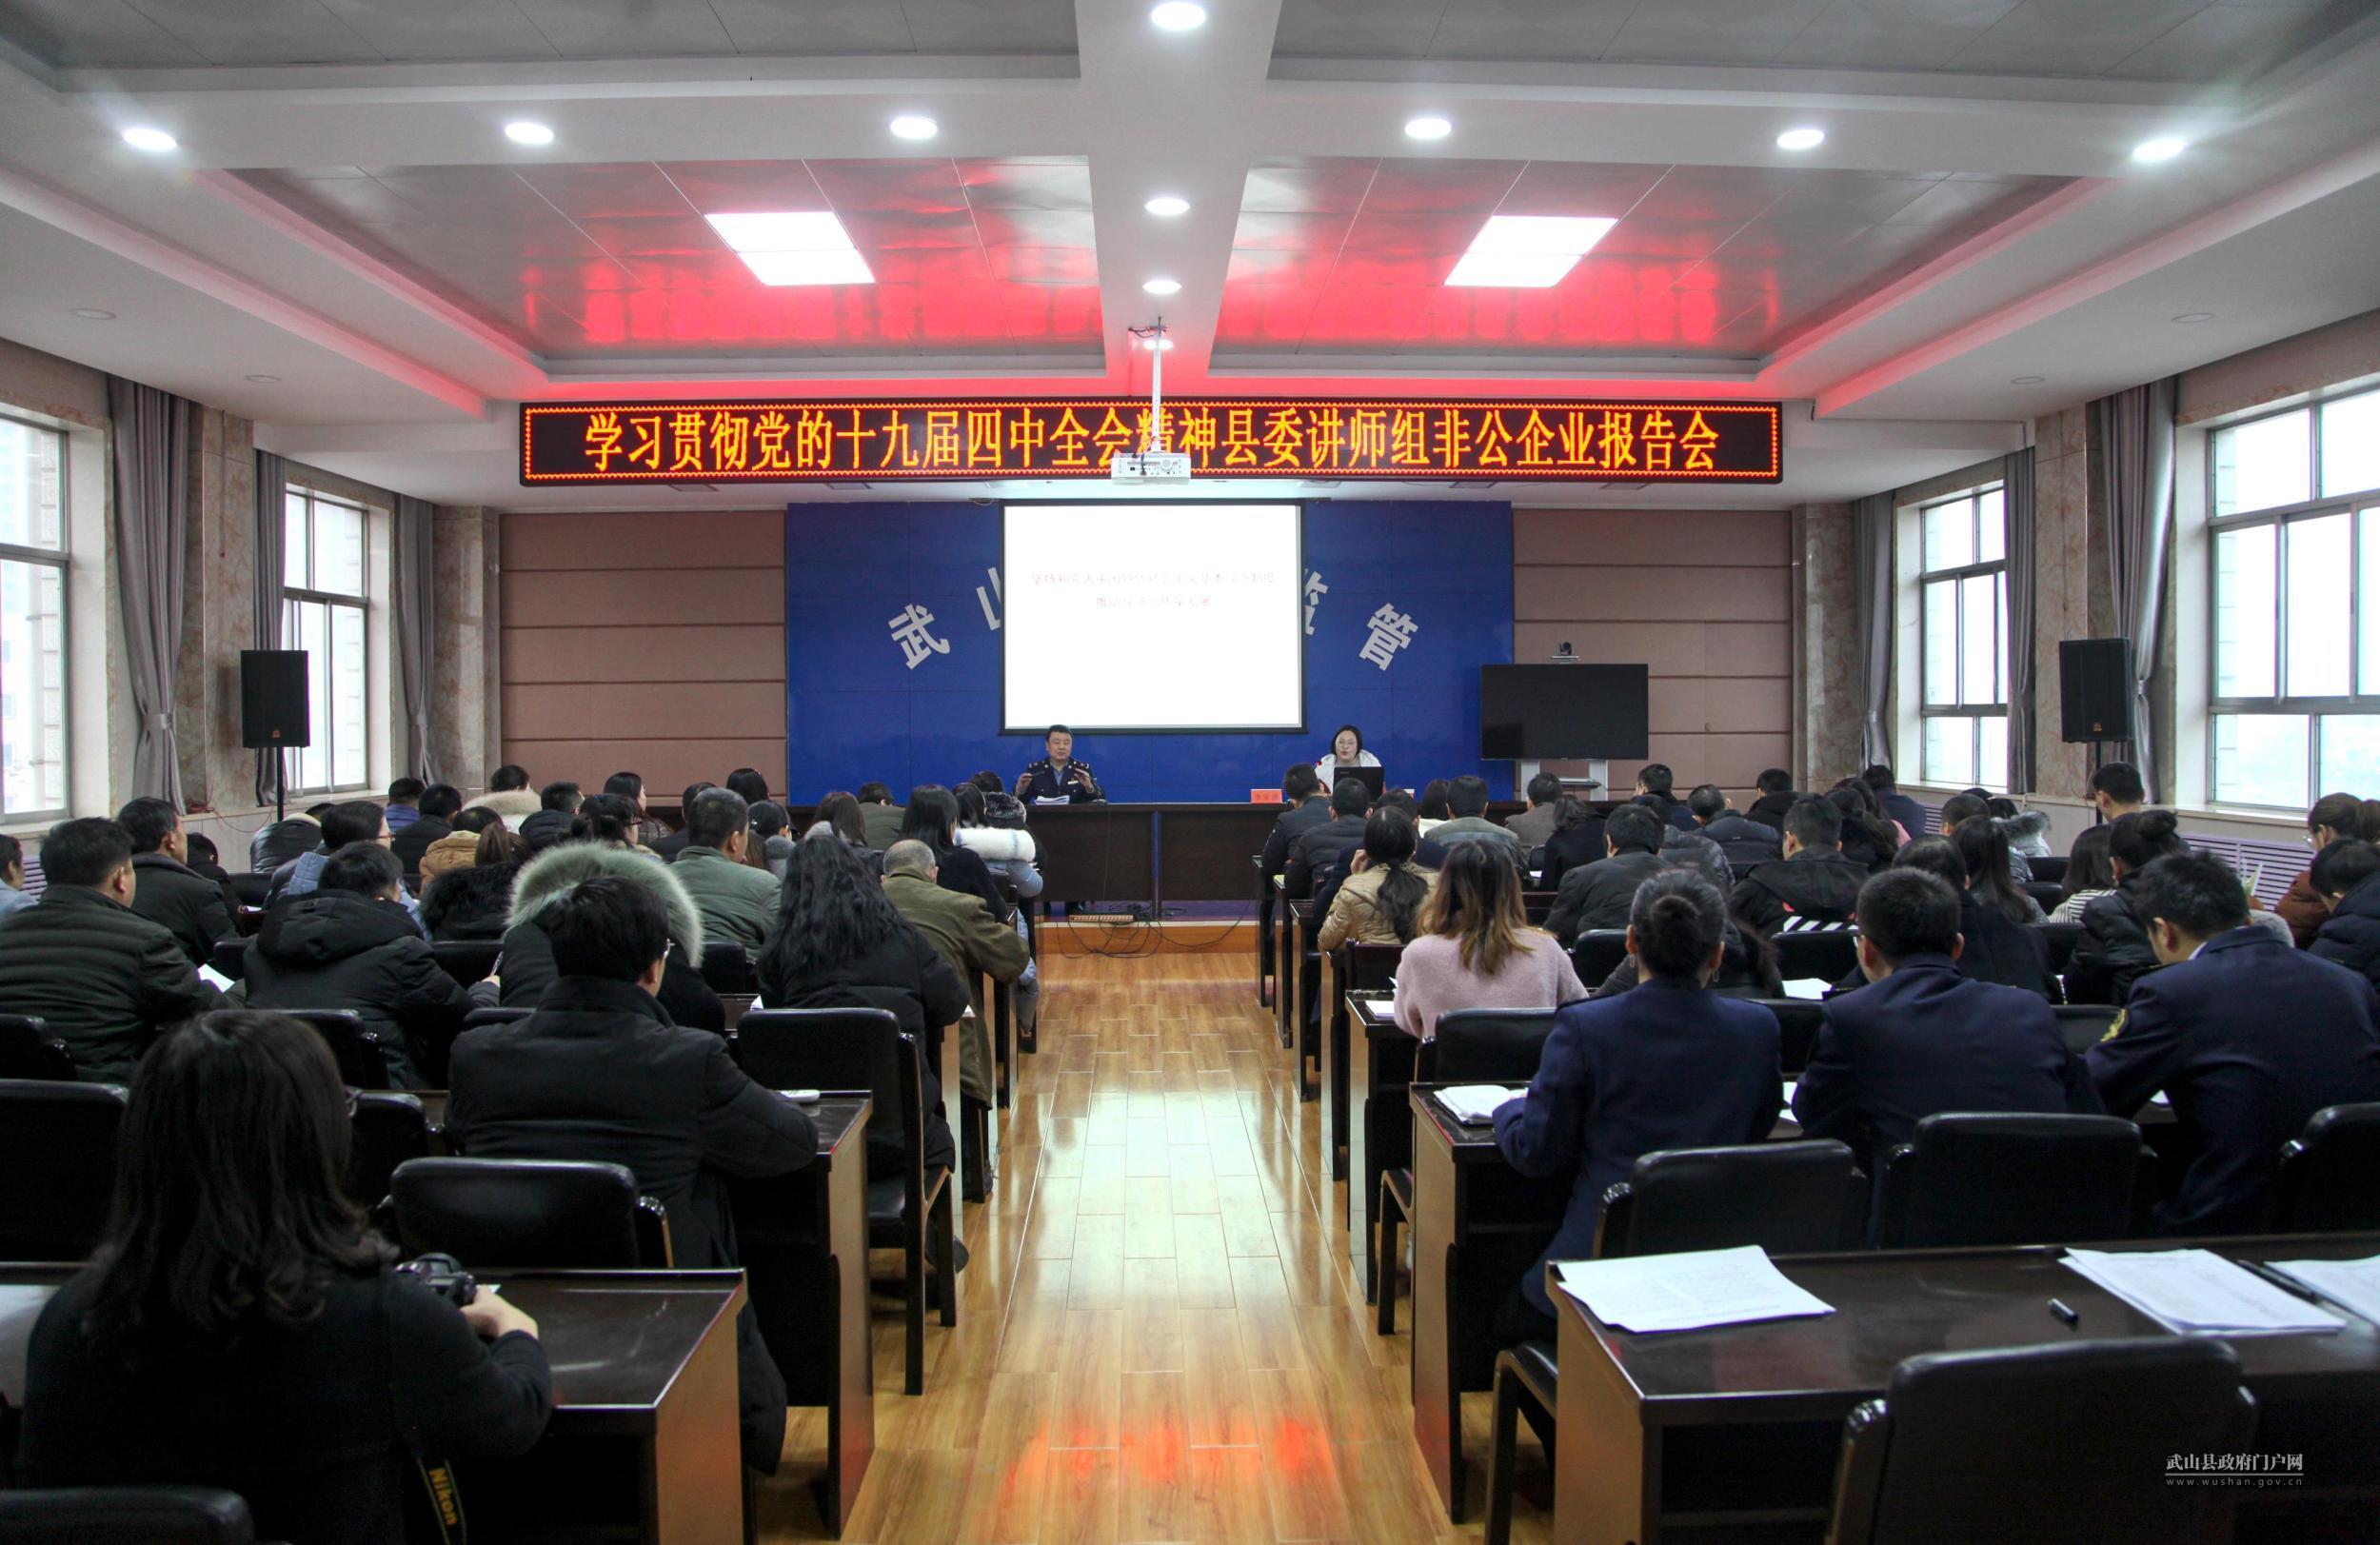 武山县举办党的十九届四中全会精神非公企业宣讲报告会